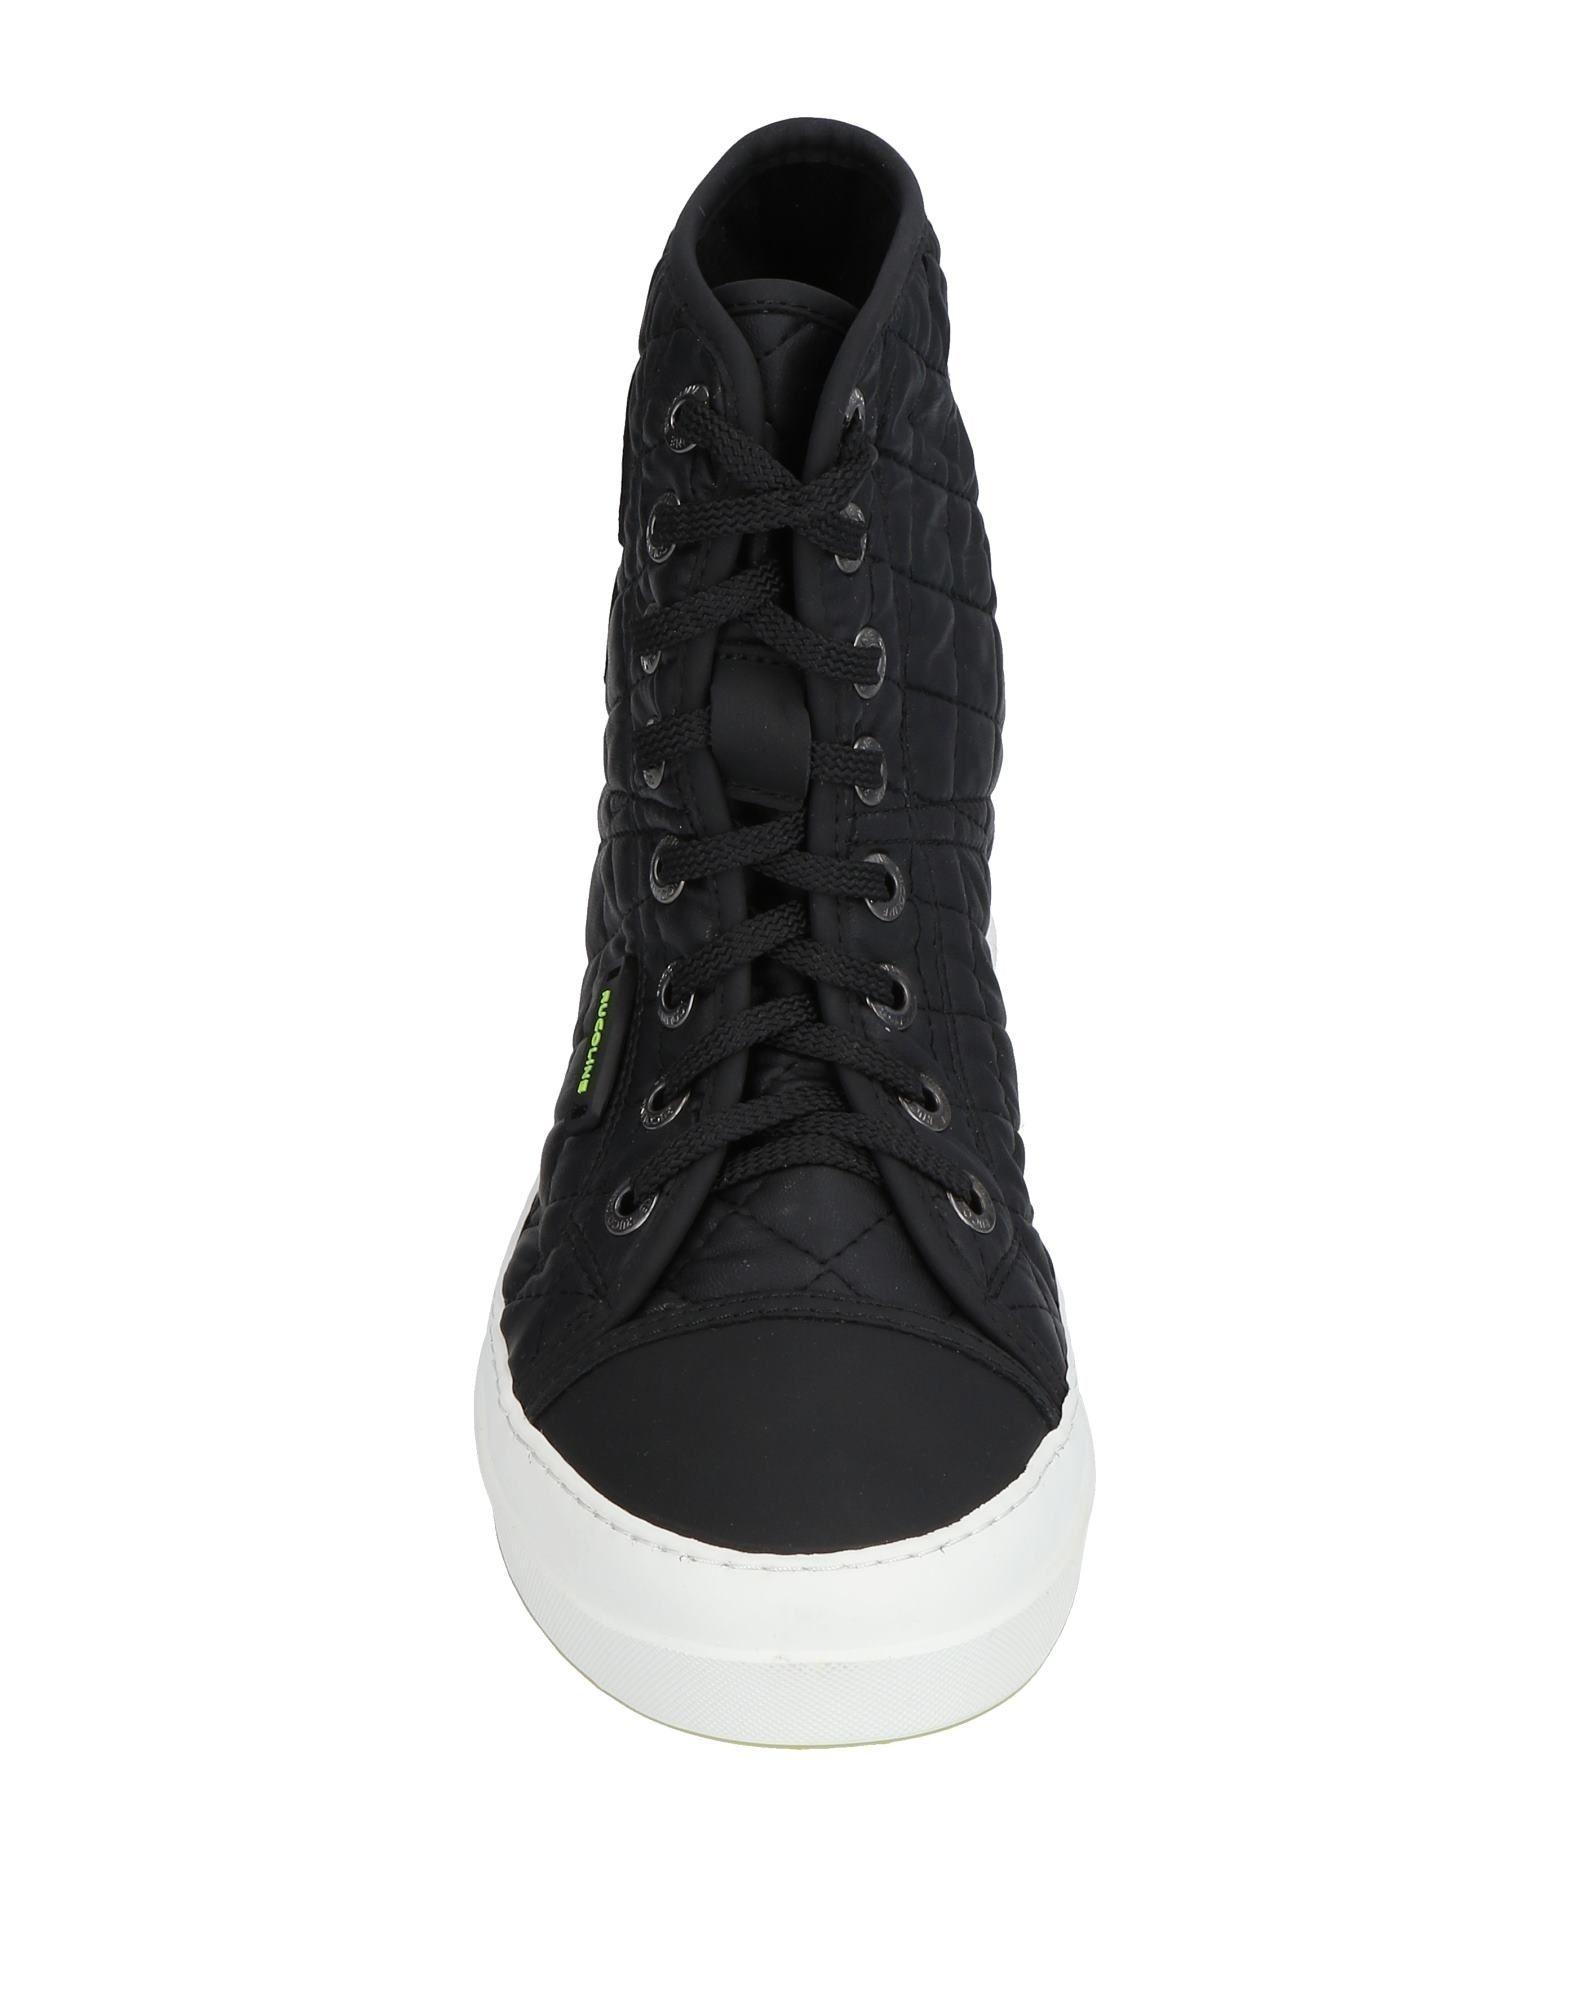 Ruco Sneakers Line Sneakers Ruco Damen Gutes Preis-Leistungs-Verhältnis, es lohnt sich 479f28